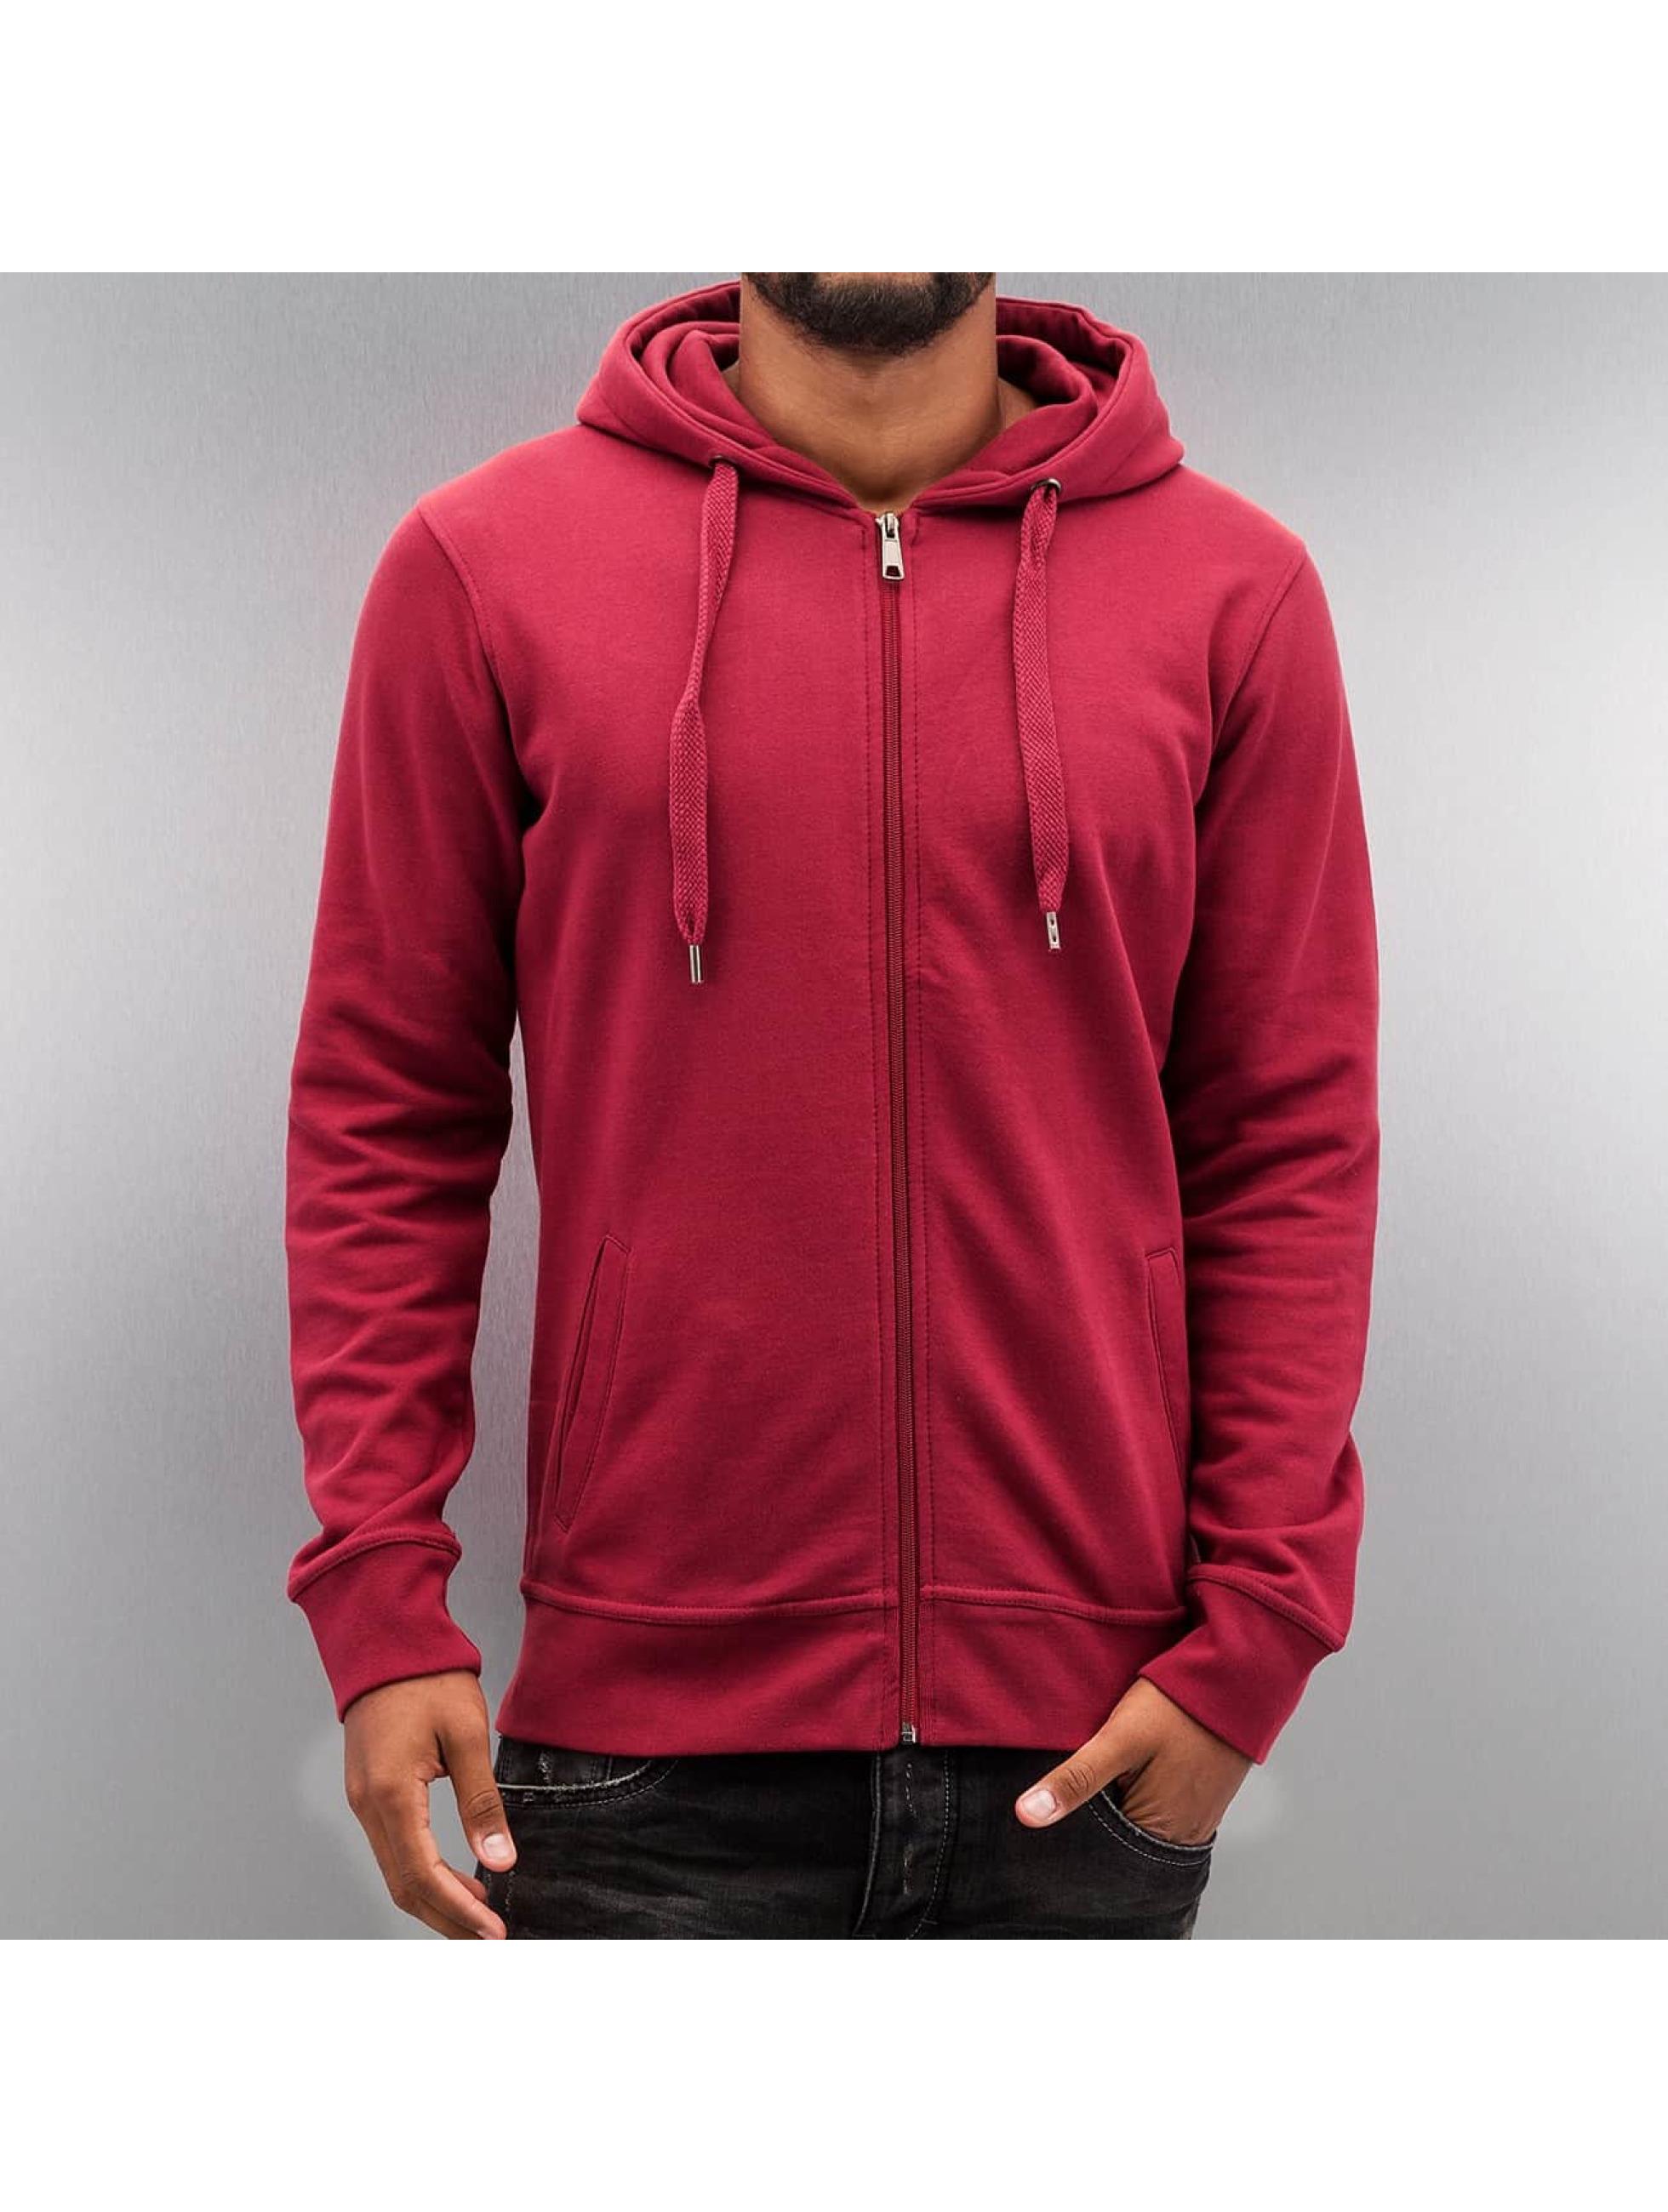 Zip Hoodie Basic in rot